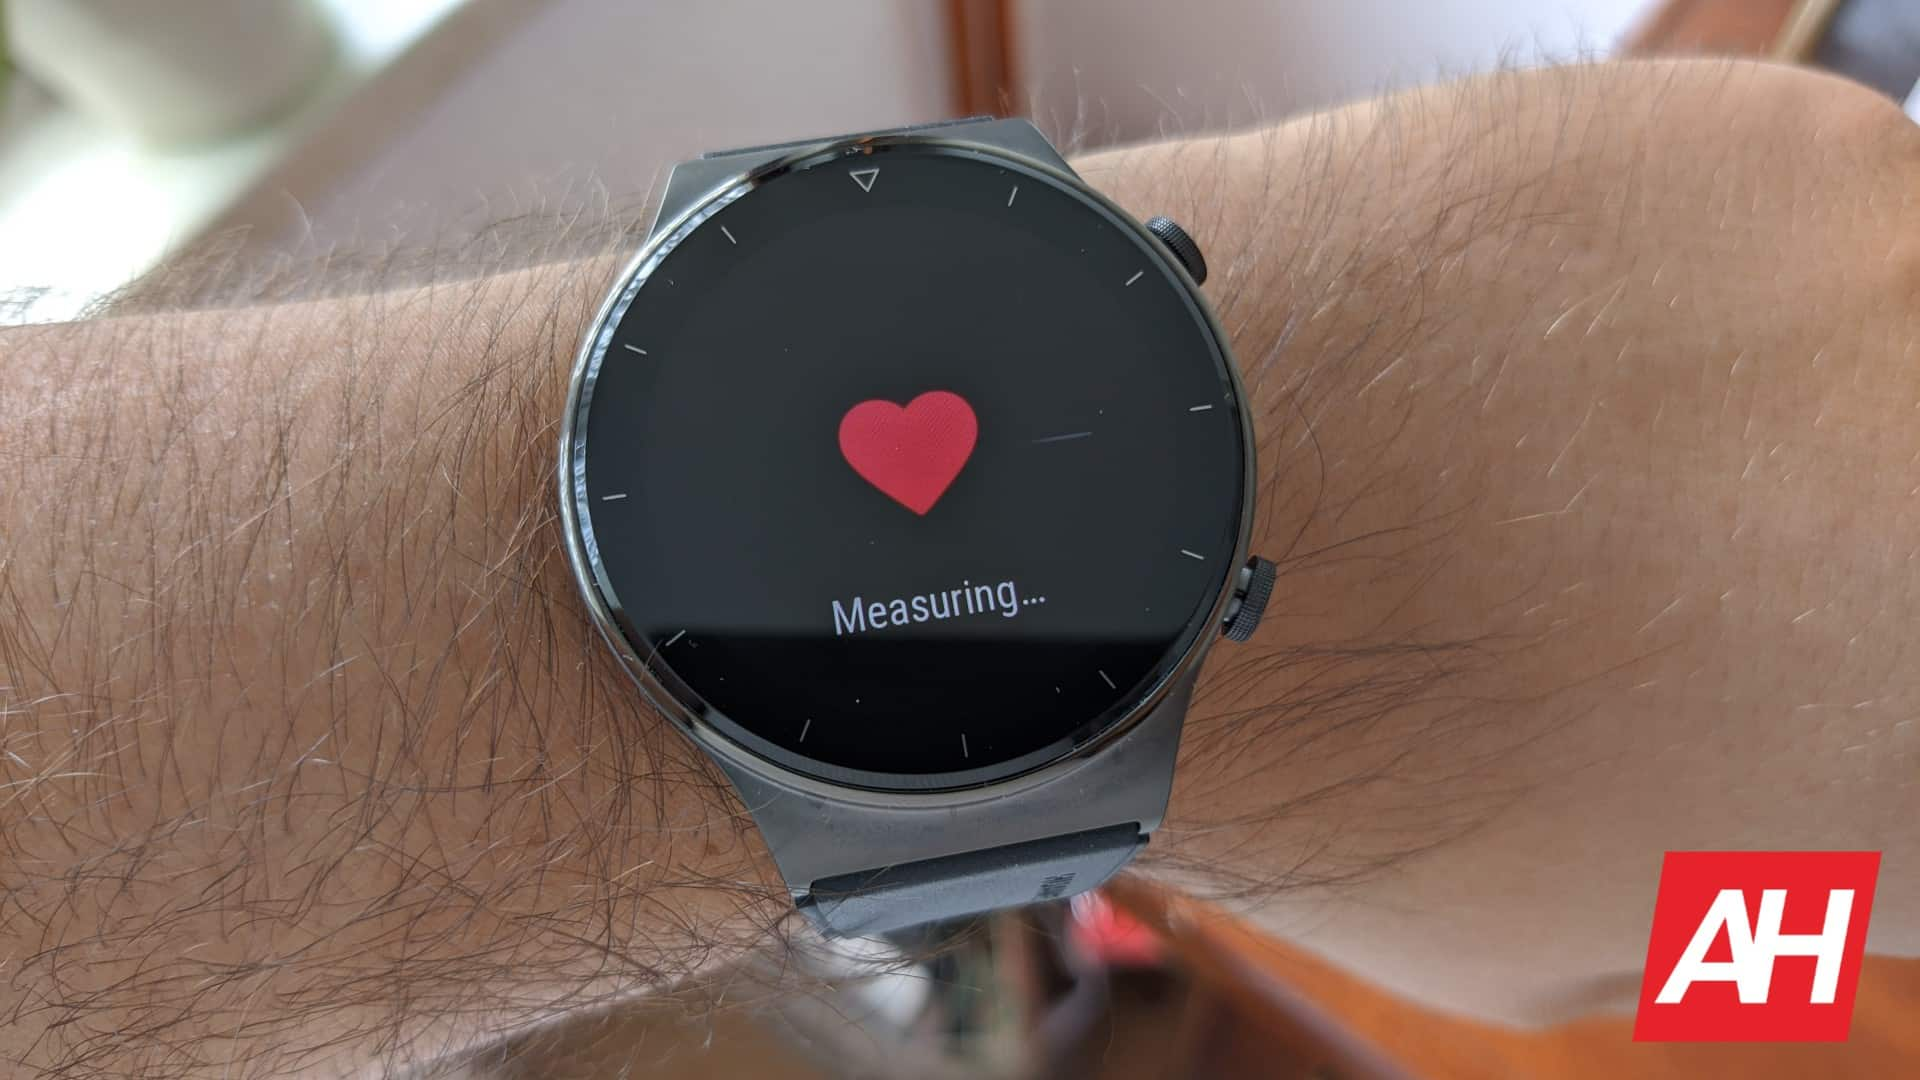 AH Huawei Watch GT 2 Pro image 215